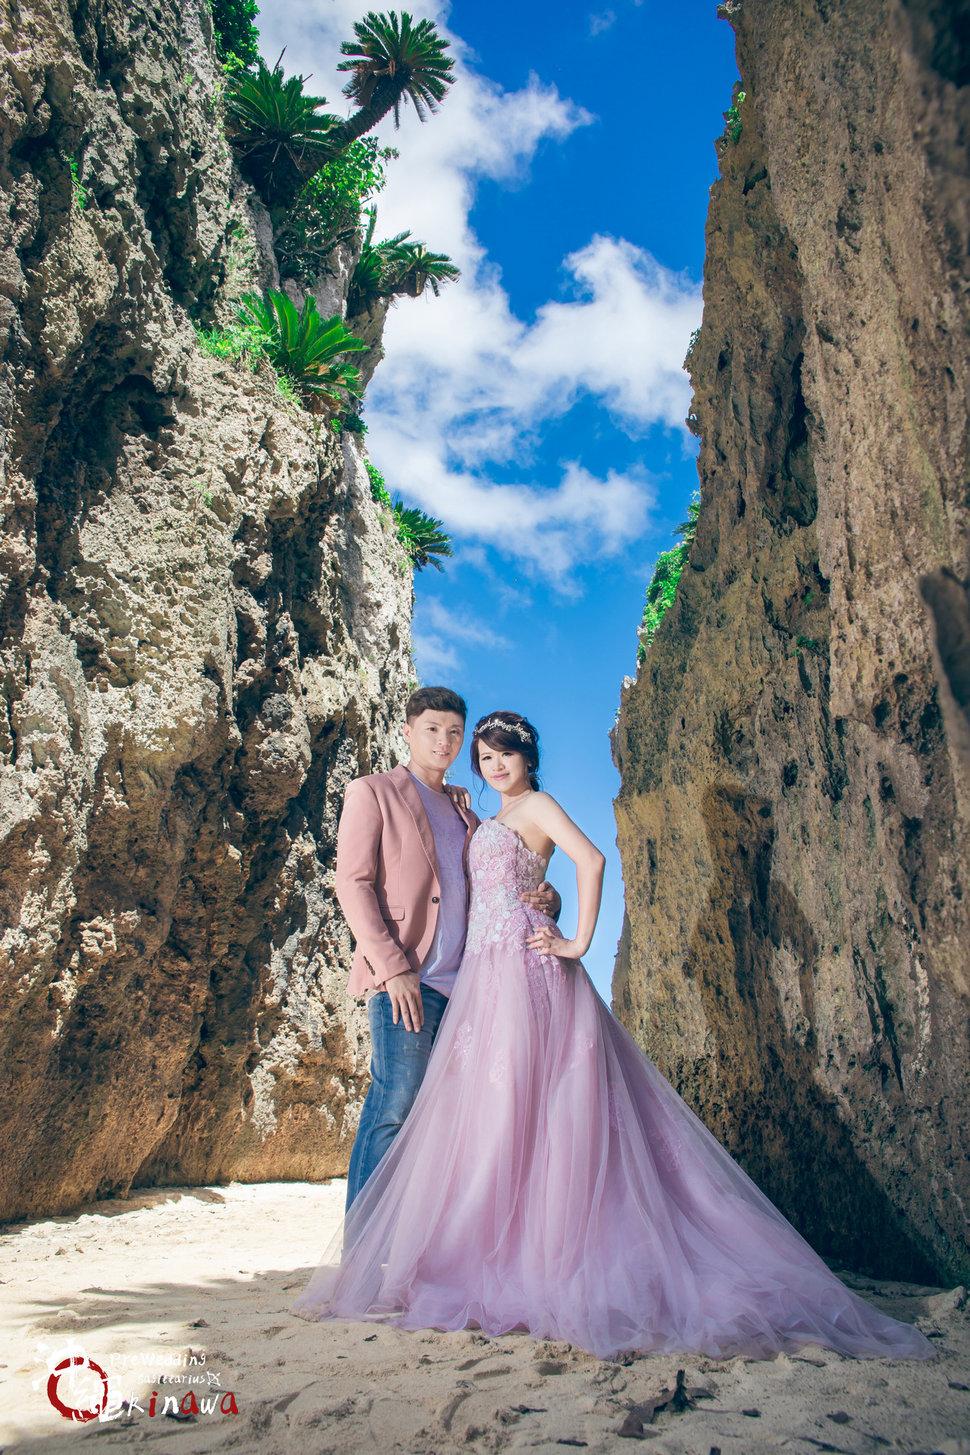 嘉麟 & 胤芳 Overseas Pre Wedding For Okinawa 沖繩海外婚紗(編號:551922) - 射手的天空 / 海外婚紗 婚禮